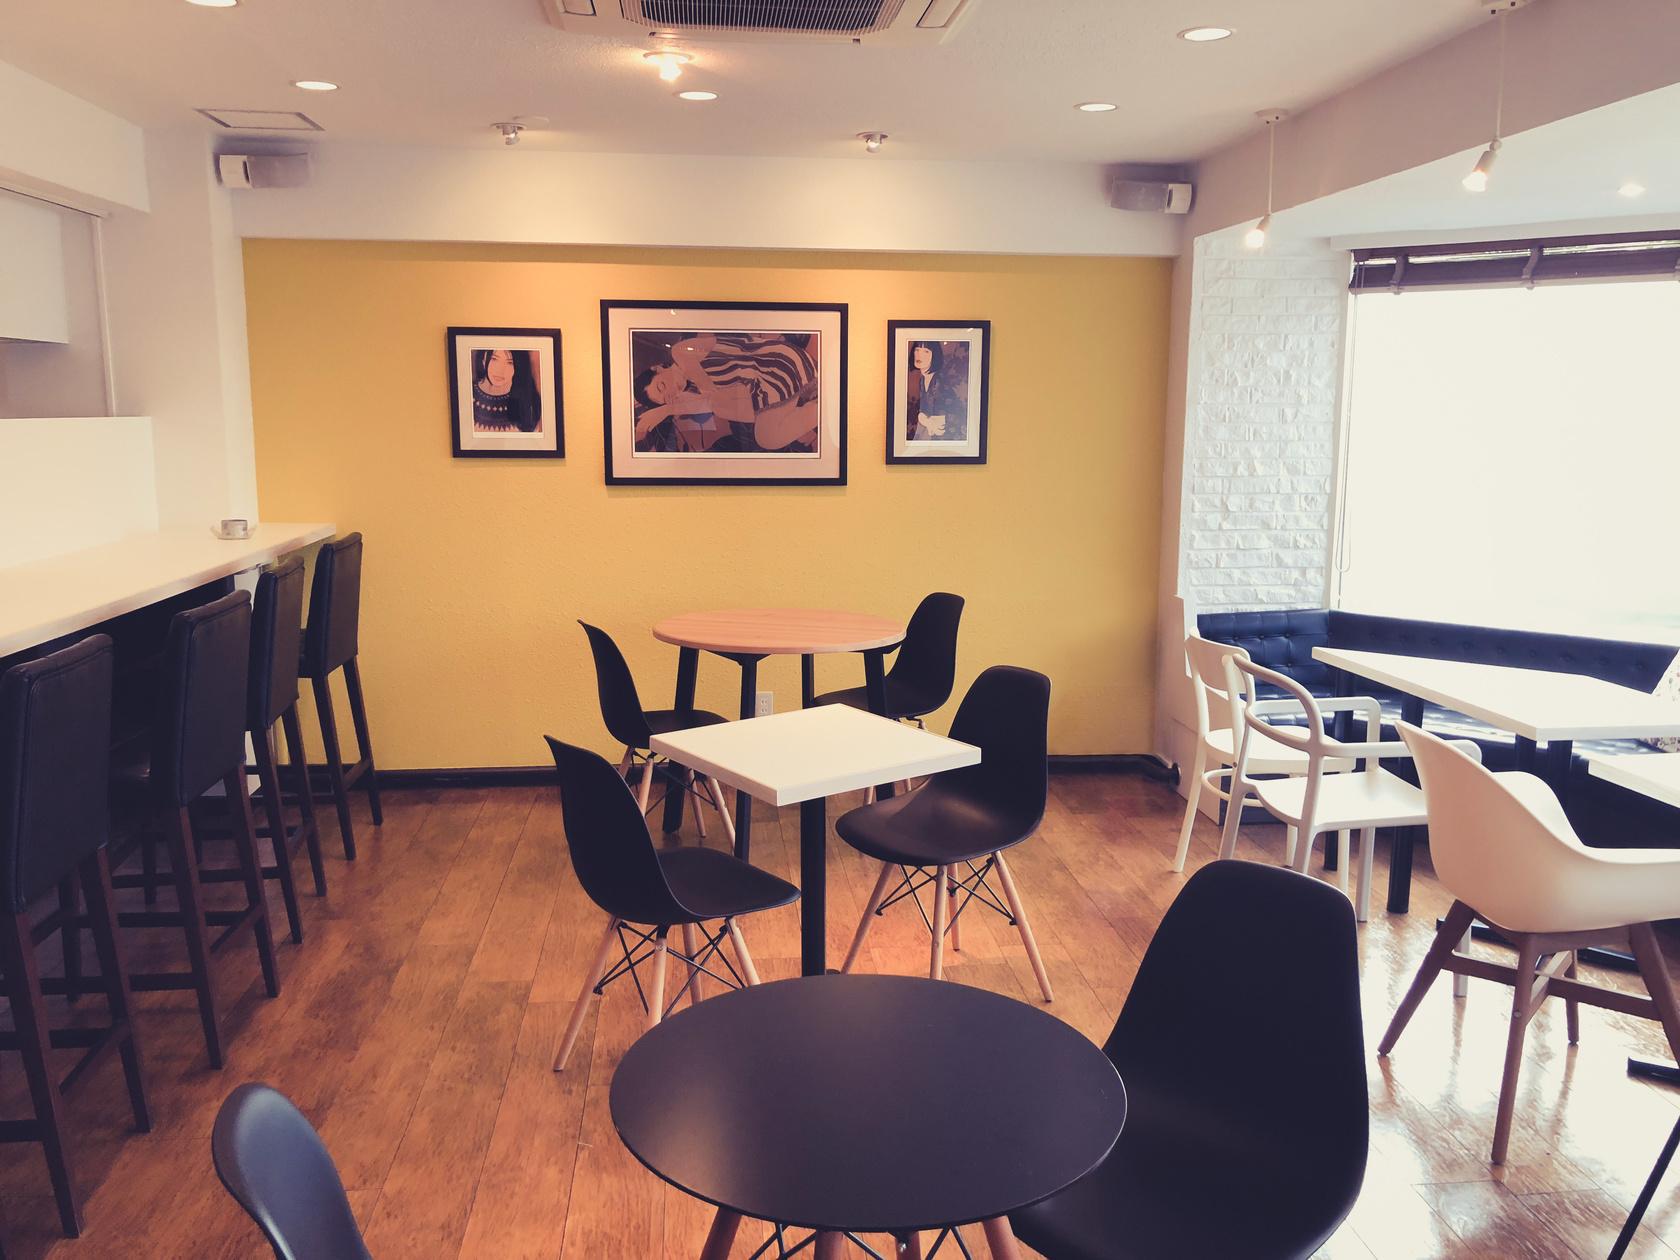 【ミッドタウンからすぐ】おしゃれなカフェを貸切で使う!会議、勉強、ミーティングなどに!(【ミッドタウンからすぐ】おしゃれなカフェを貸切で使う!会議、勉強、ママ会、撮影など使い方自由!) の写真0